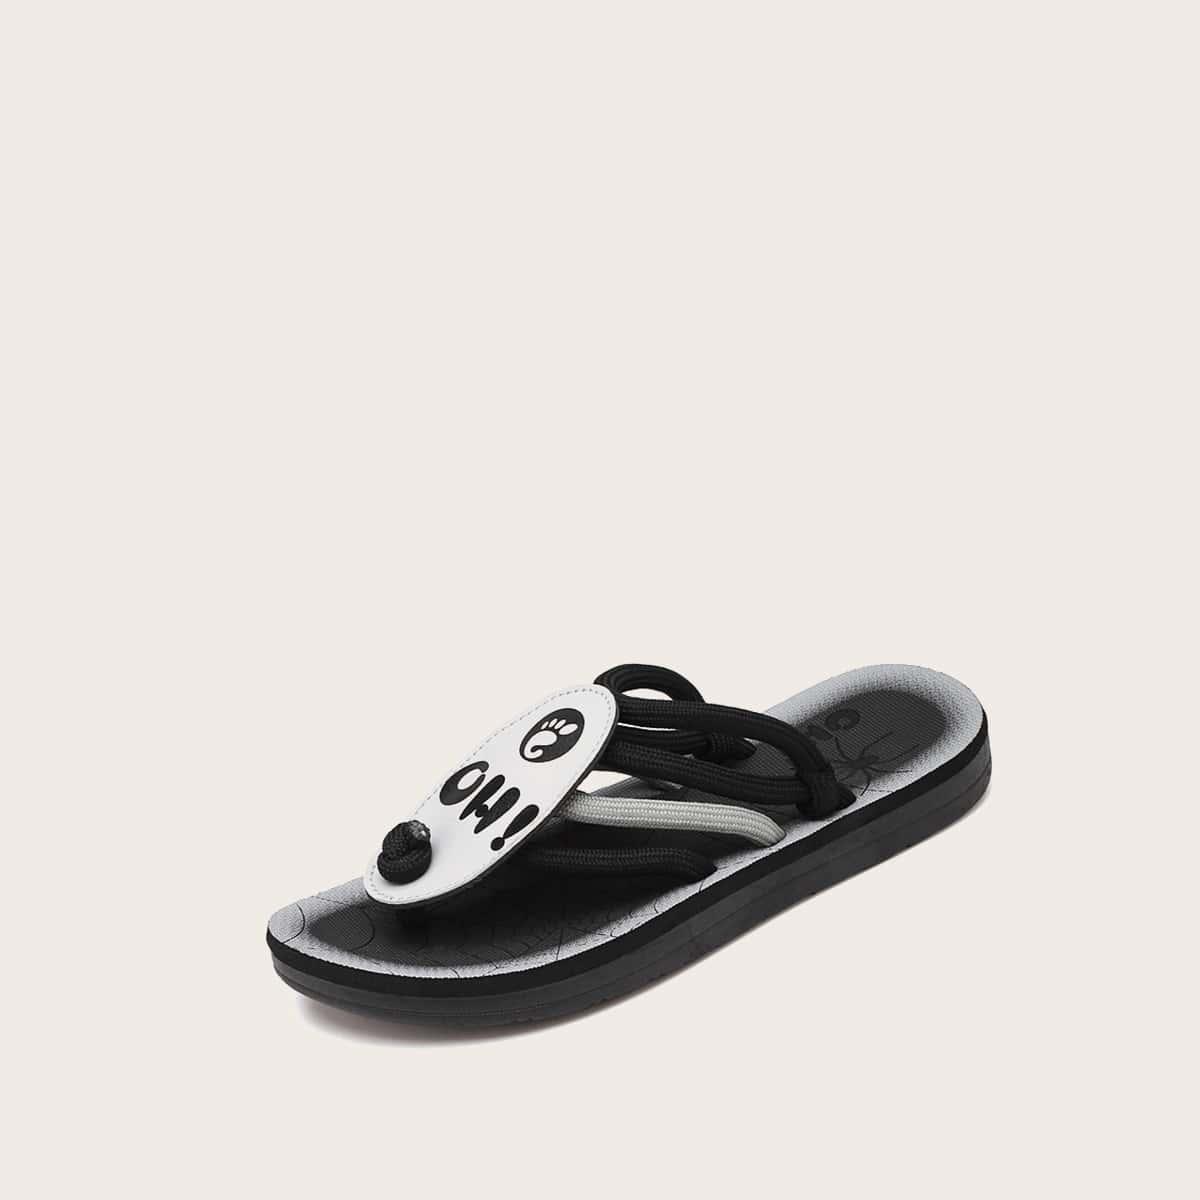 Mannen brief grafische teen Post sandalen